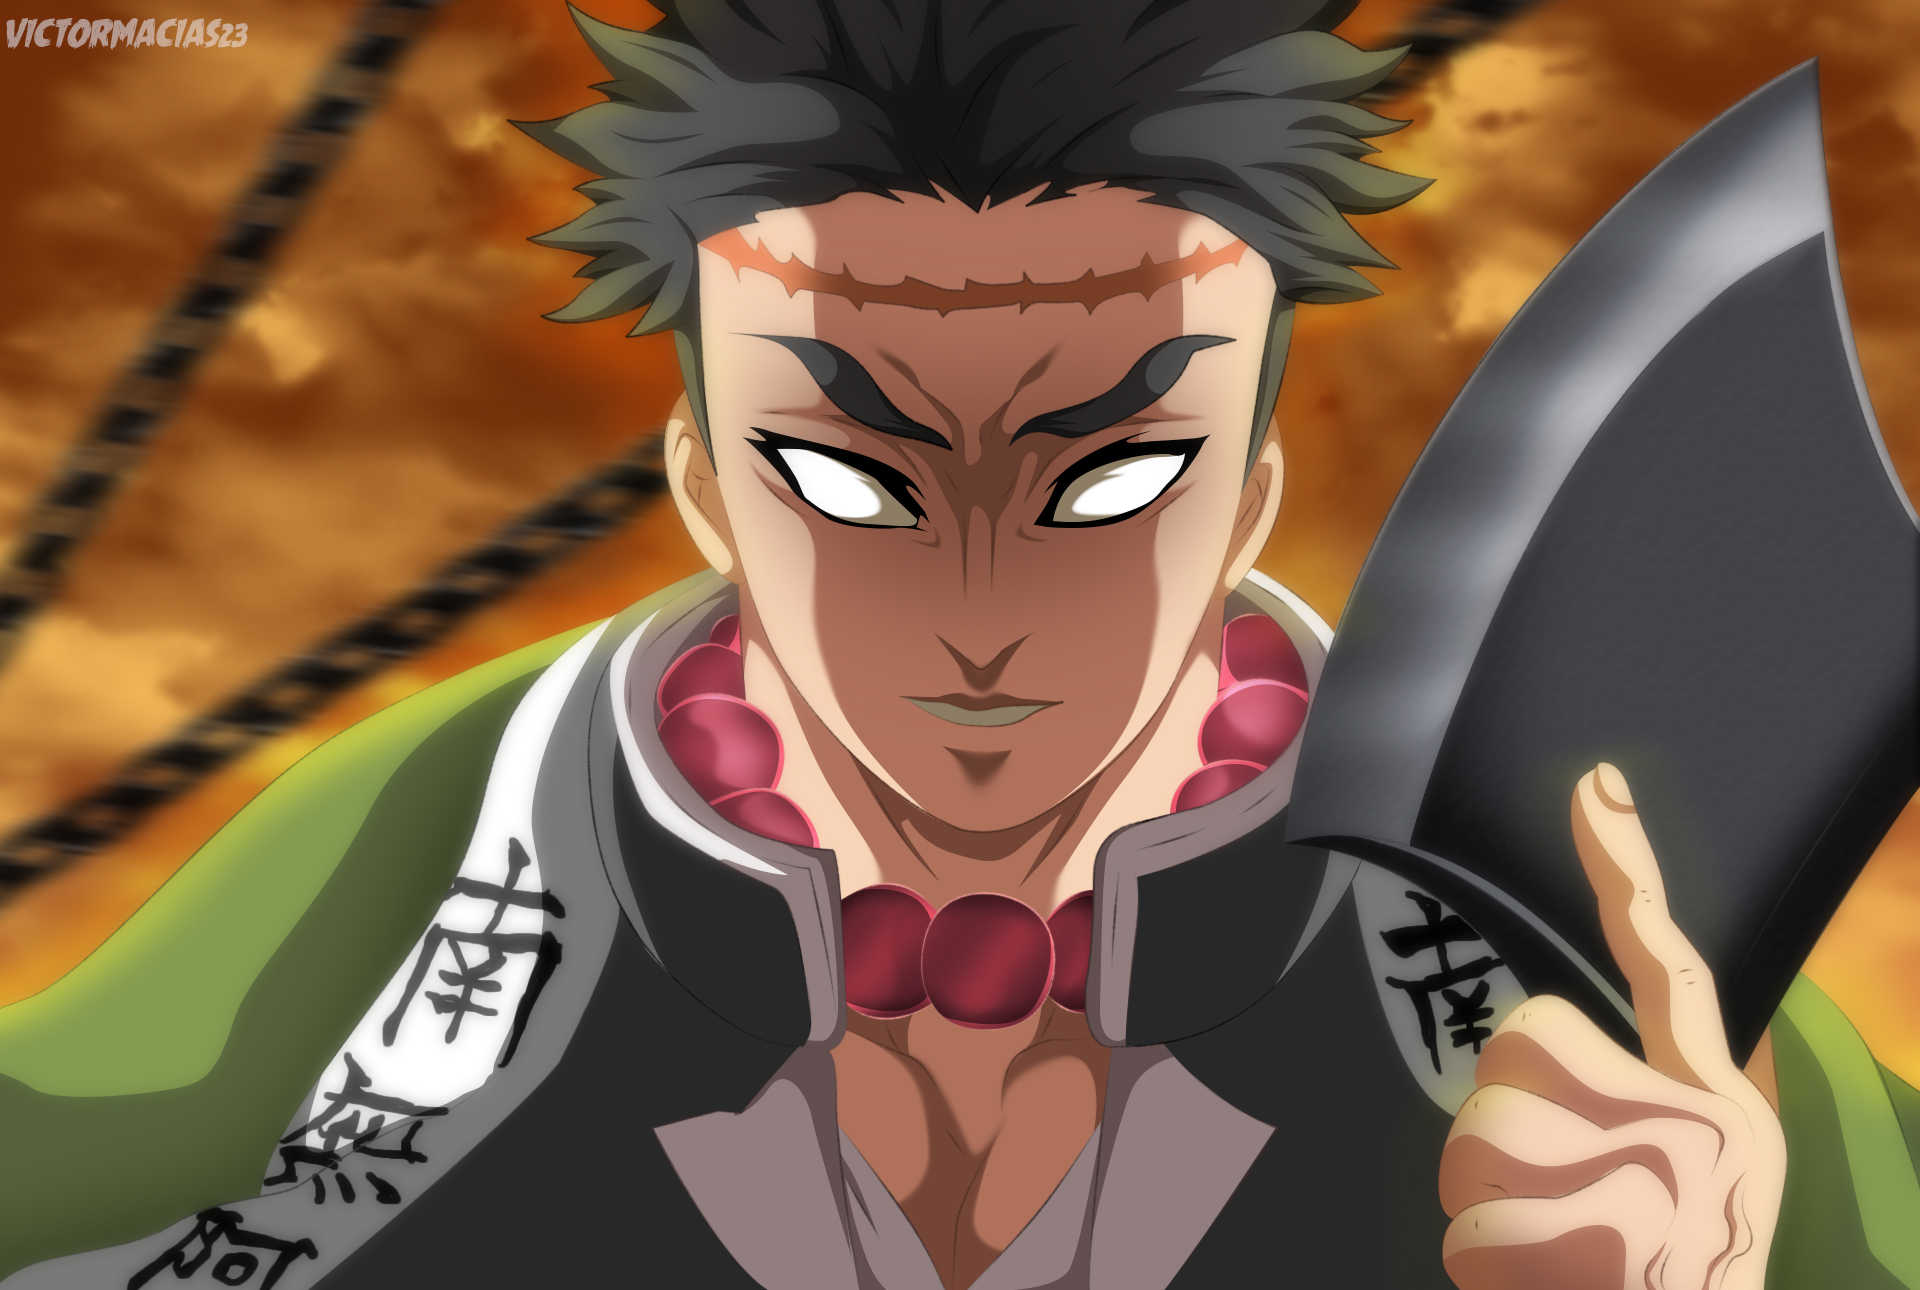 Gyomei Himejima, Hashira terkuat di serial Kimetsu no Yaiba. Sumber: deviantart.com